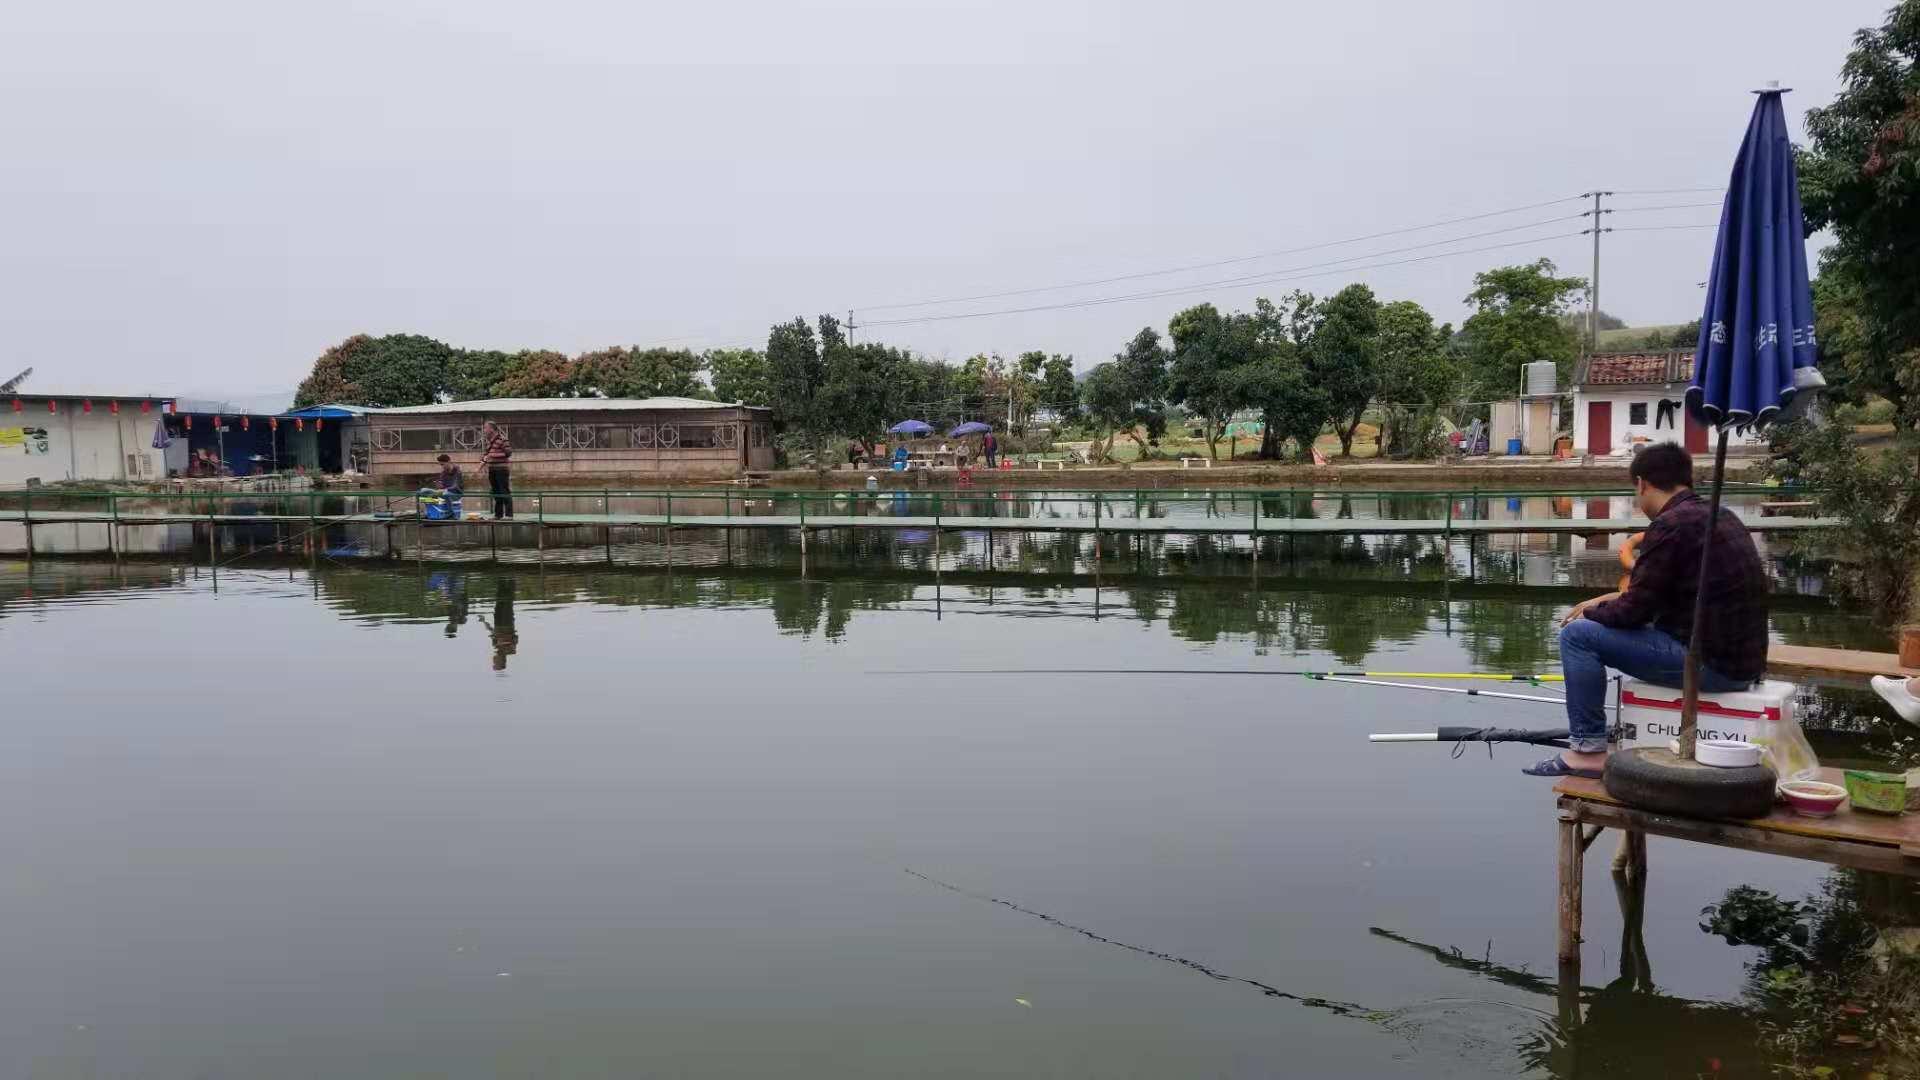 深圳农家乐野炊基地乐湖生态园客人在钓鱼